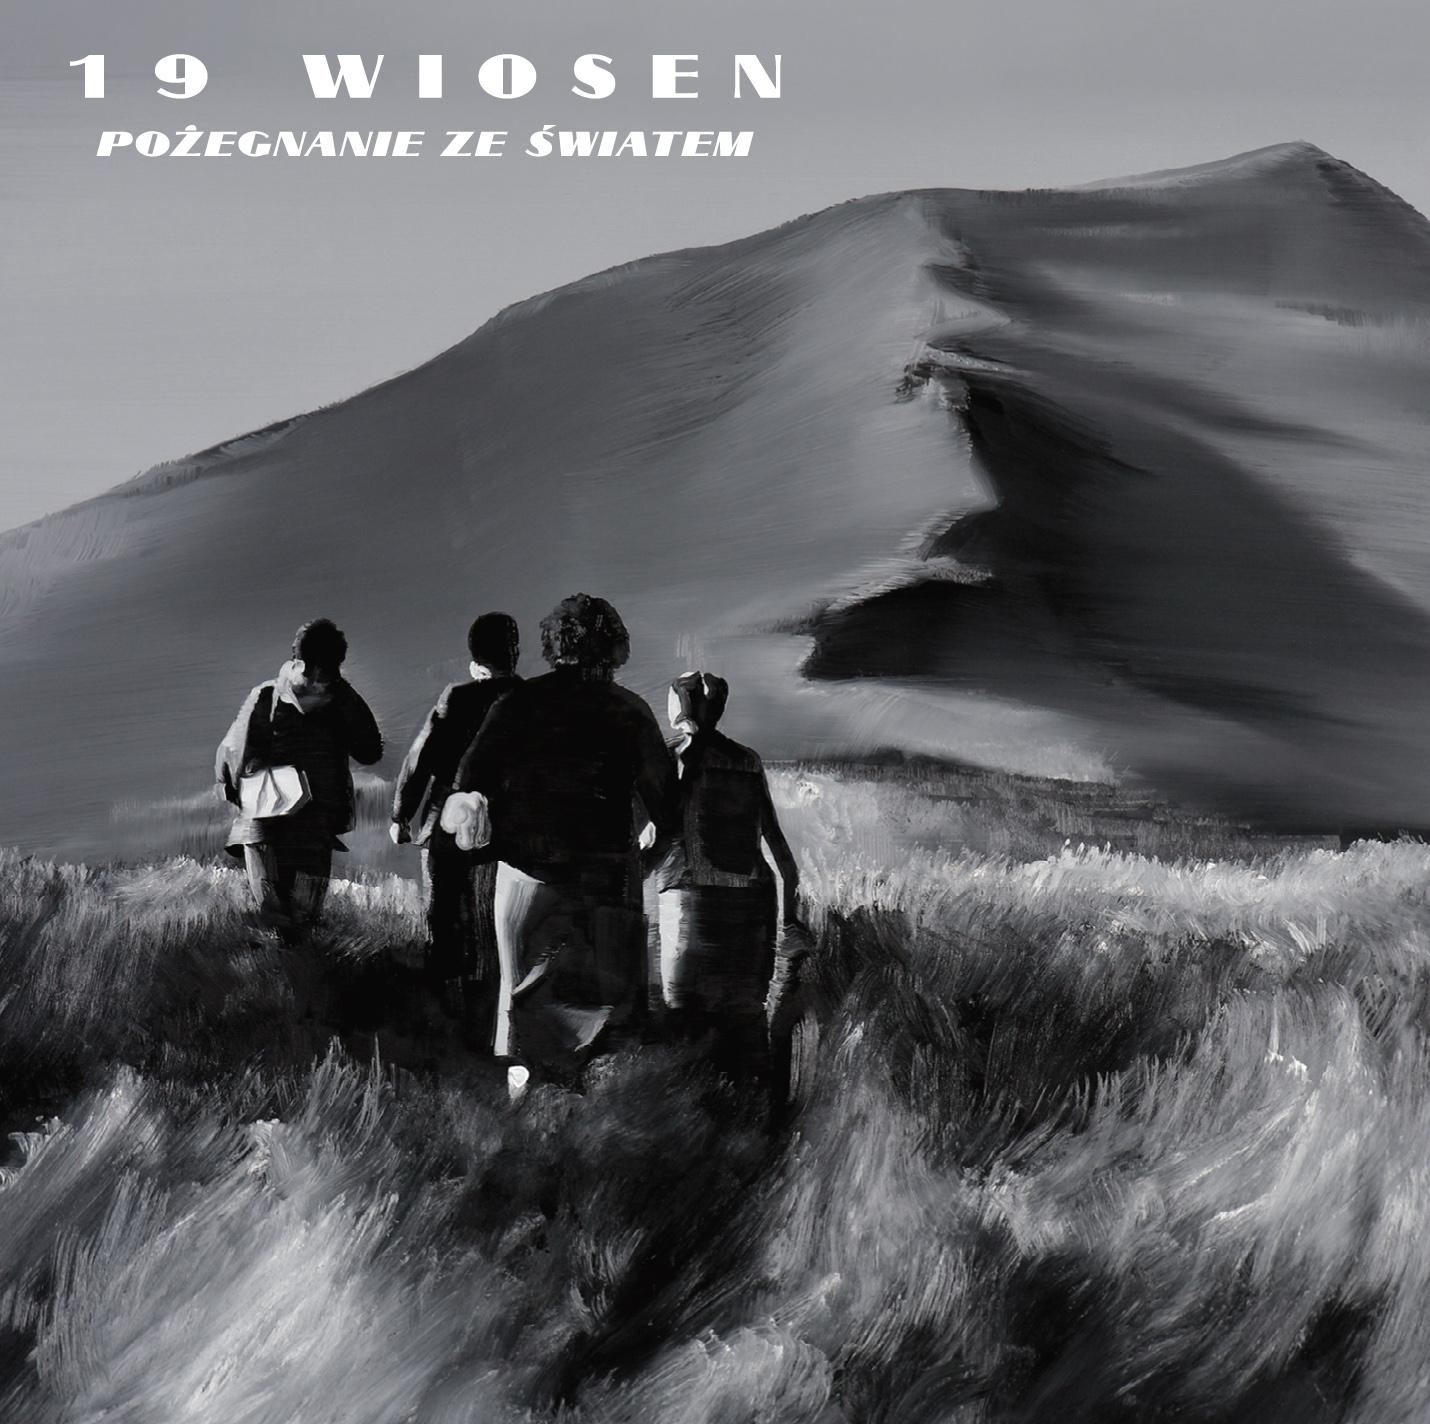 19 Wiosen - Pożegnanie ze Światem